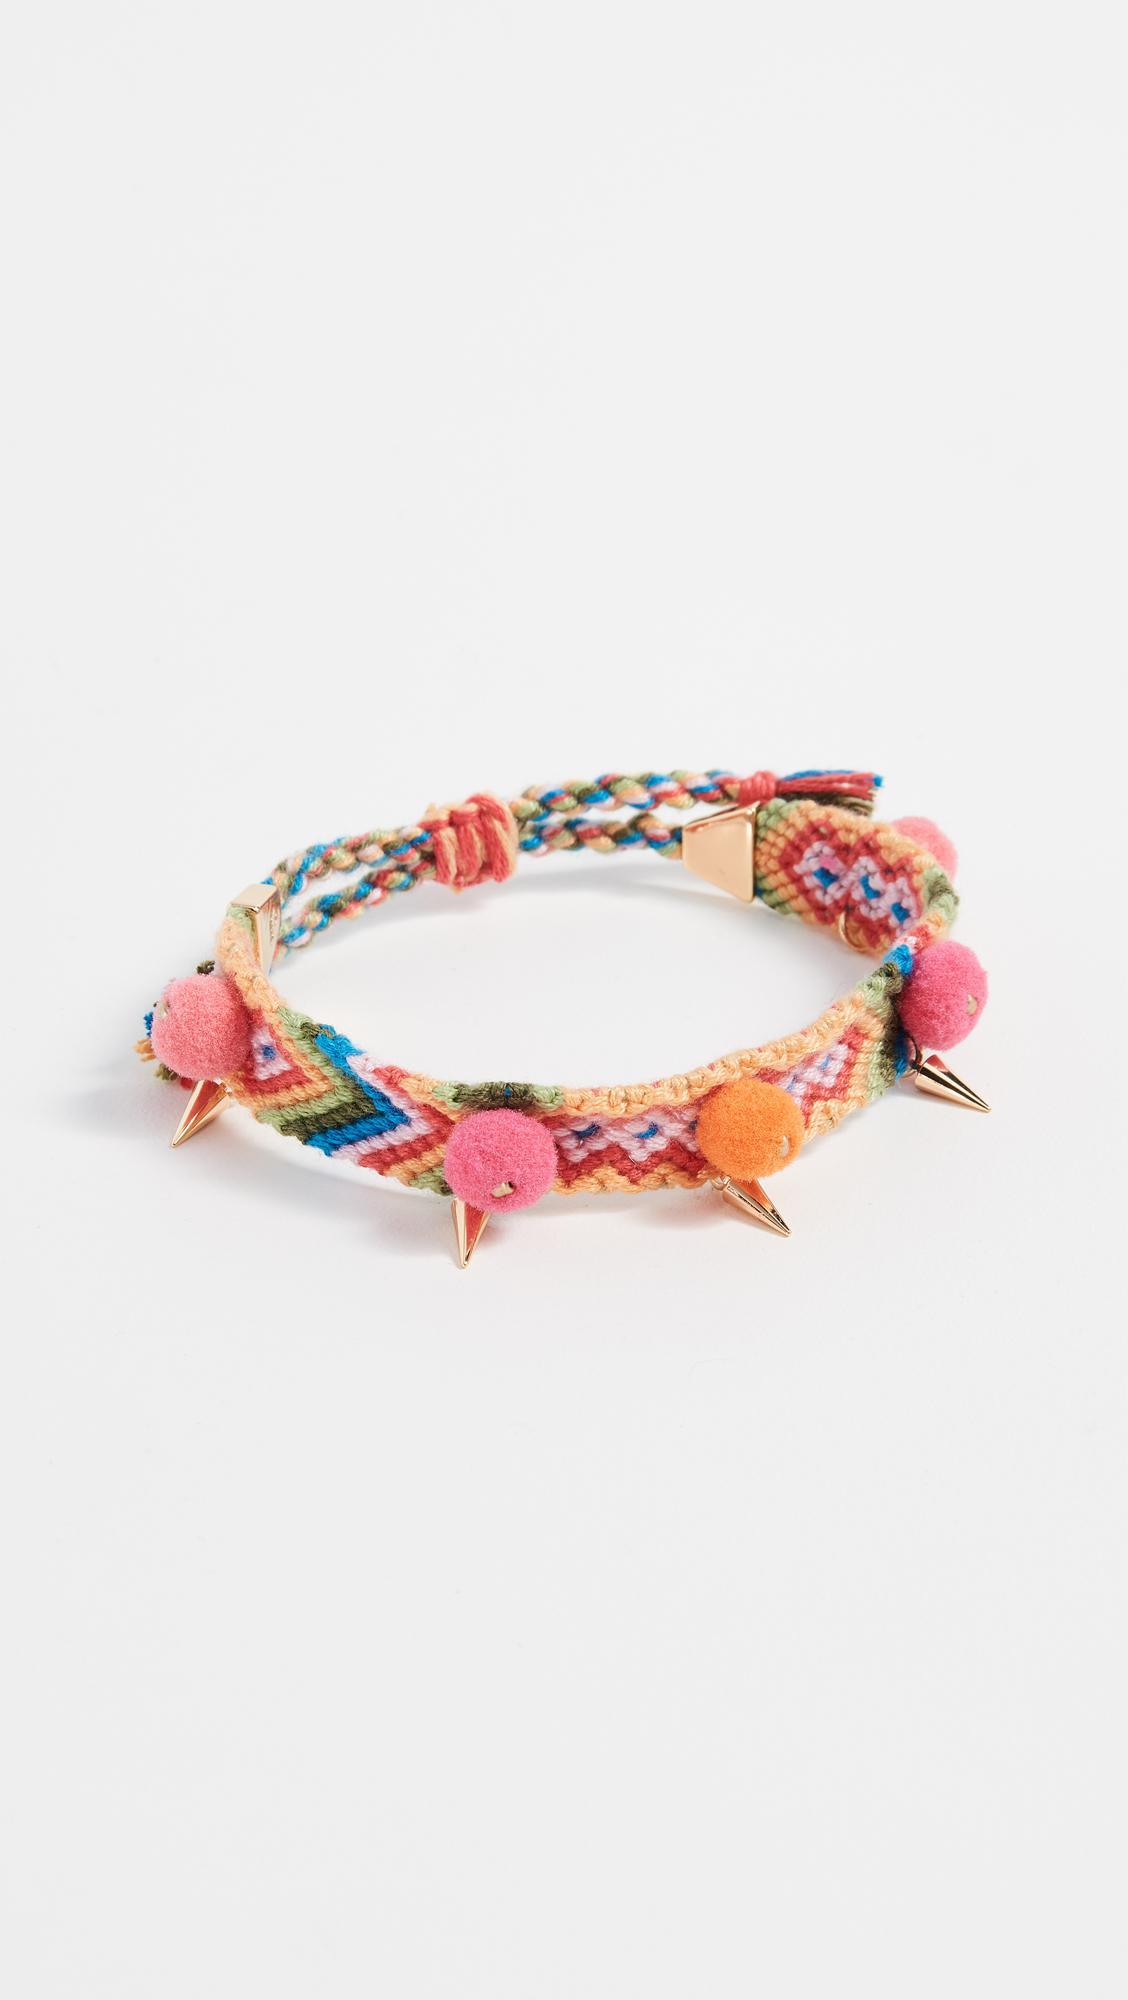 Rebecca Minkoff Cha Cha Friendship Bracelet pFAT4Vxusw